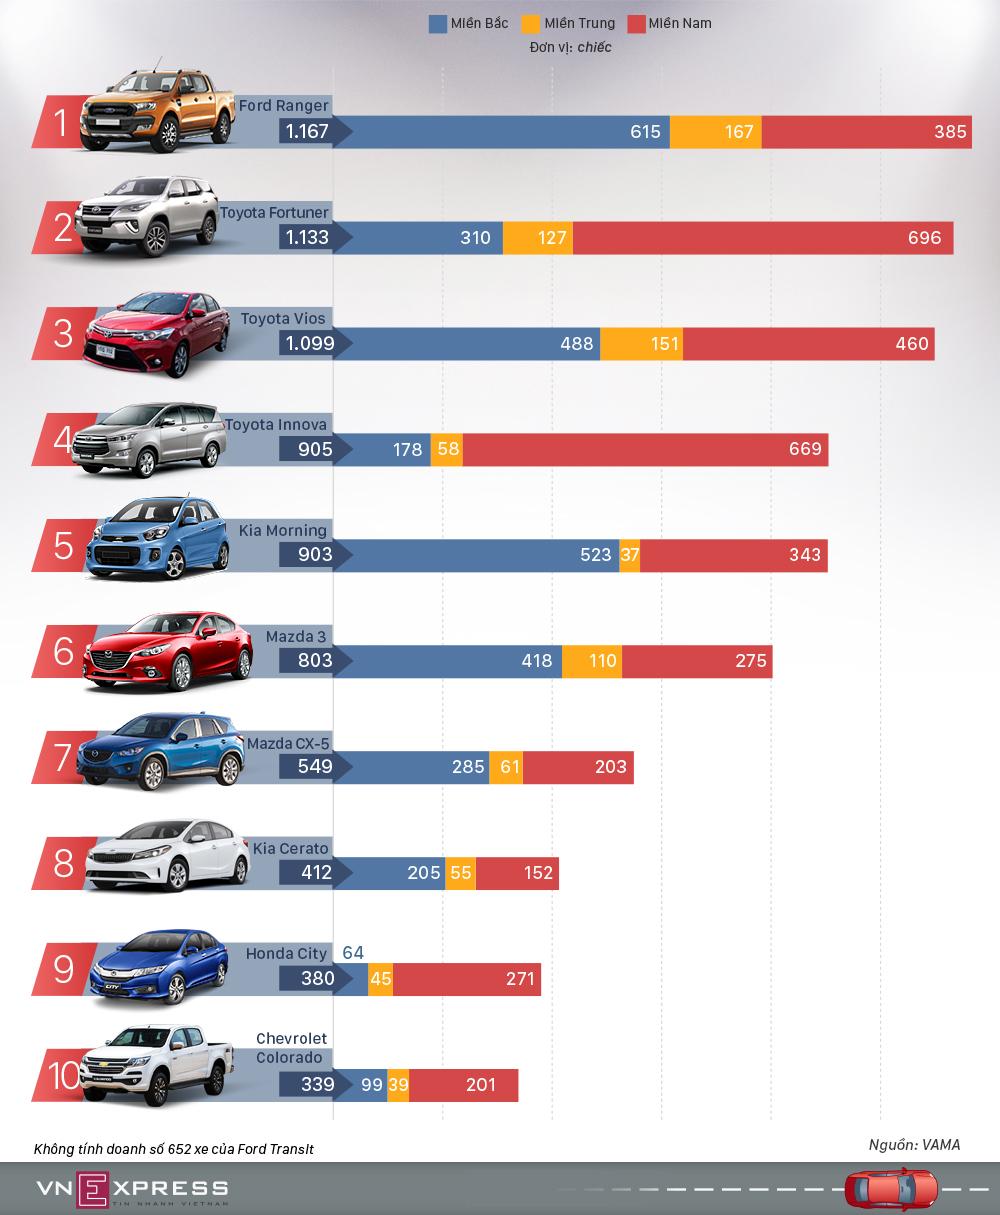 Chevrolet Colorado lần đầu lọt top ôtô bán chạy nhất Việt Nam